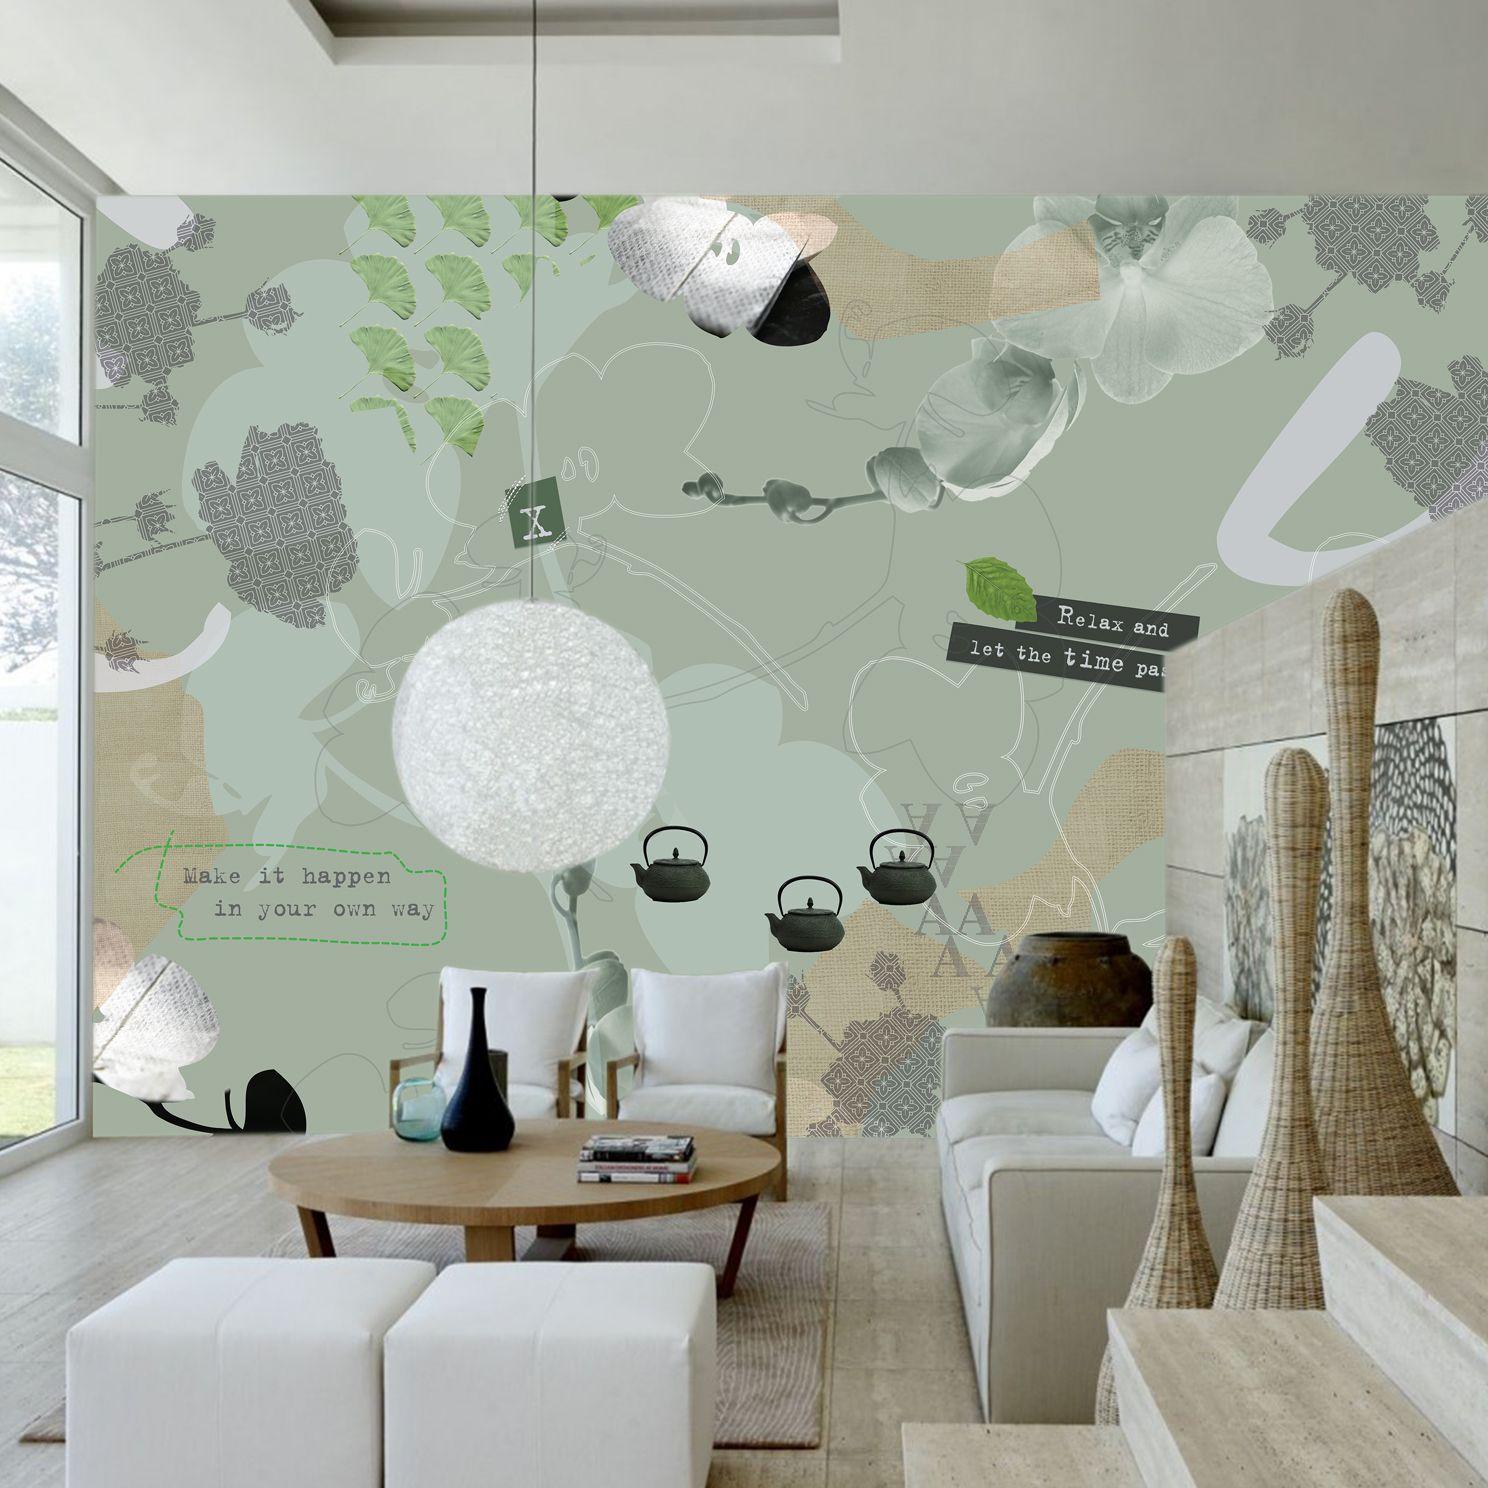 Woonkamer Japan behang - Behangrijk